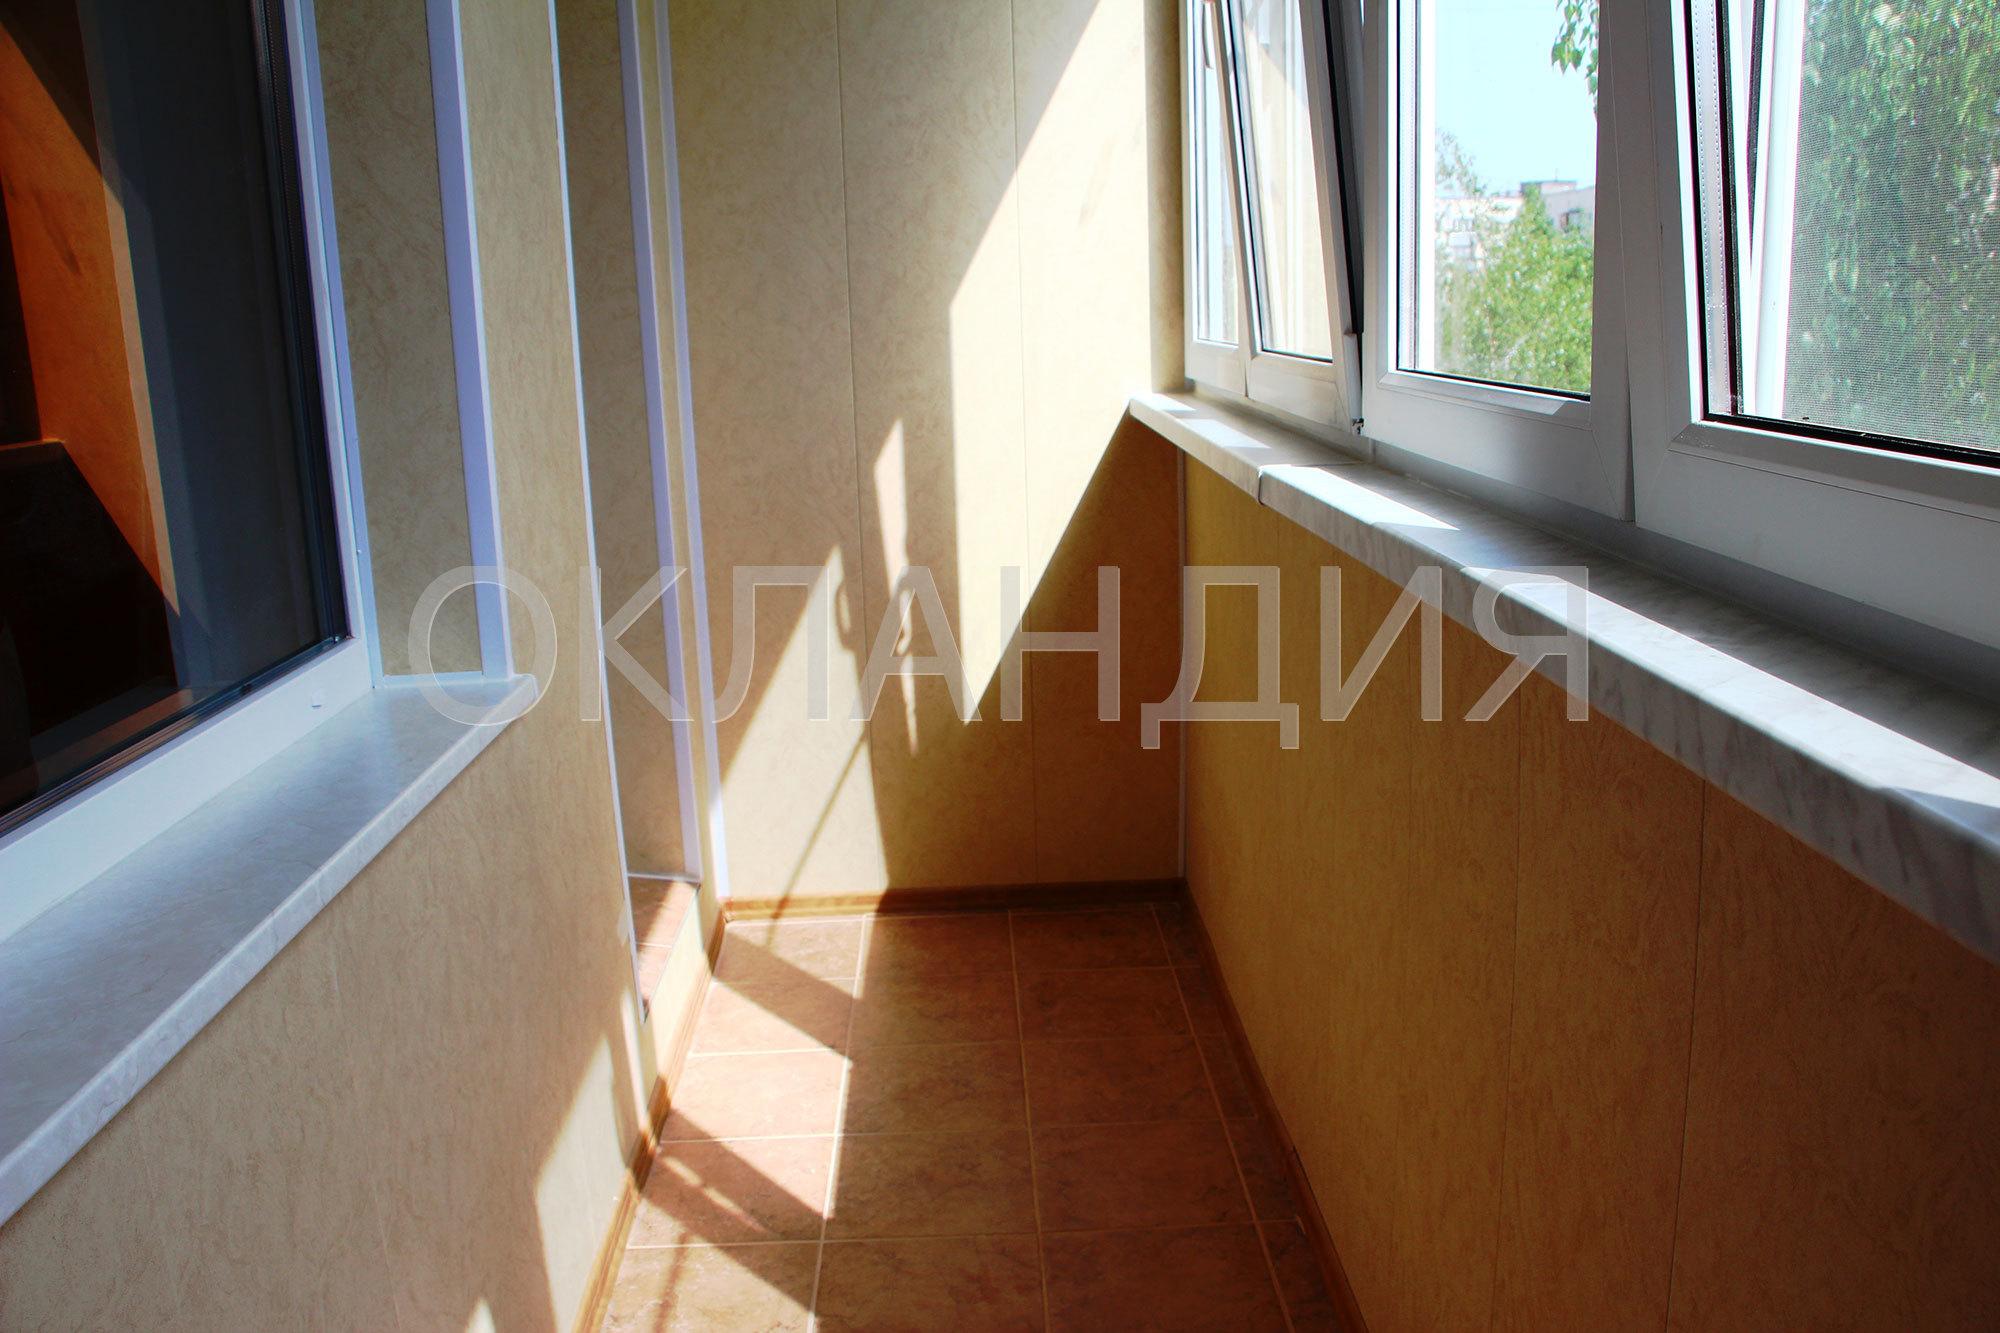 Отделка балкона с утеплением и застеклением, 504 серия дома.